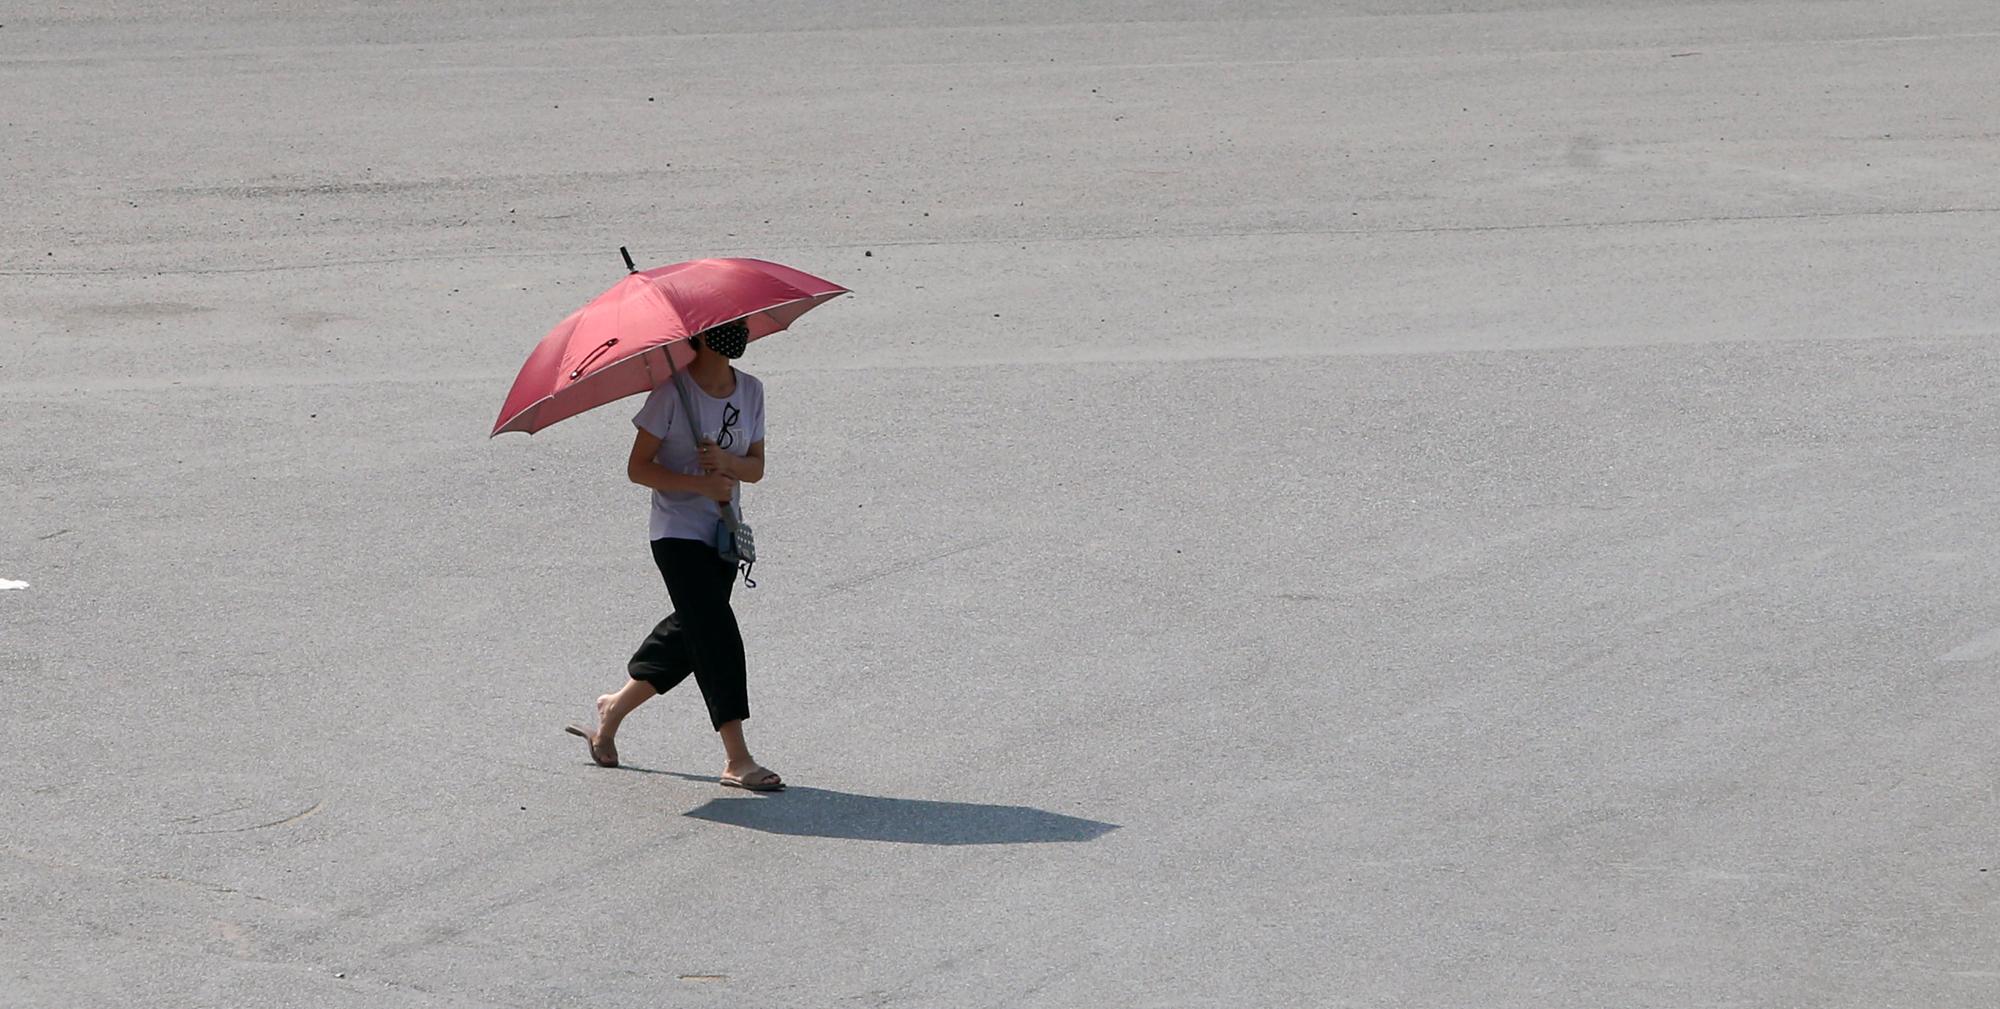 Hà Nội nắng nóng gay gắt, người dân 'đua nhau' vượt đèn đỏ - Ảnh 2.